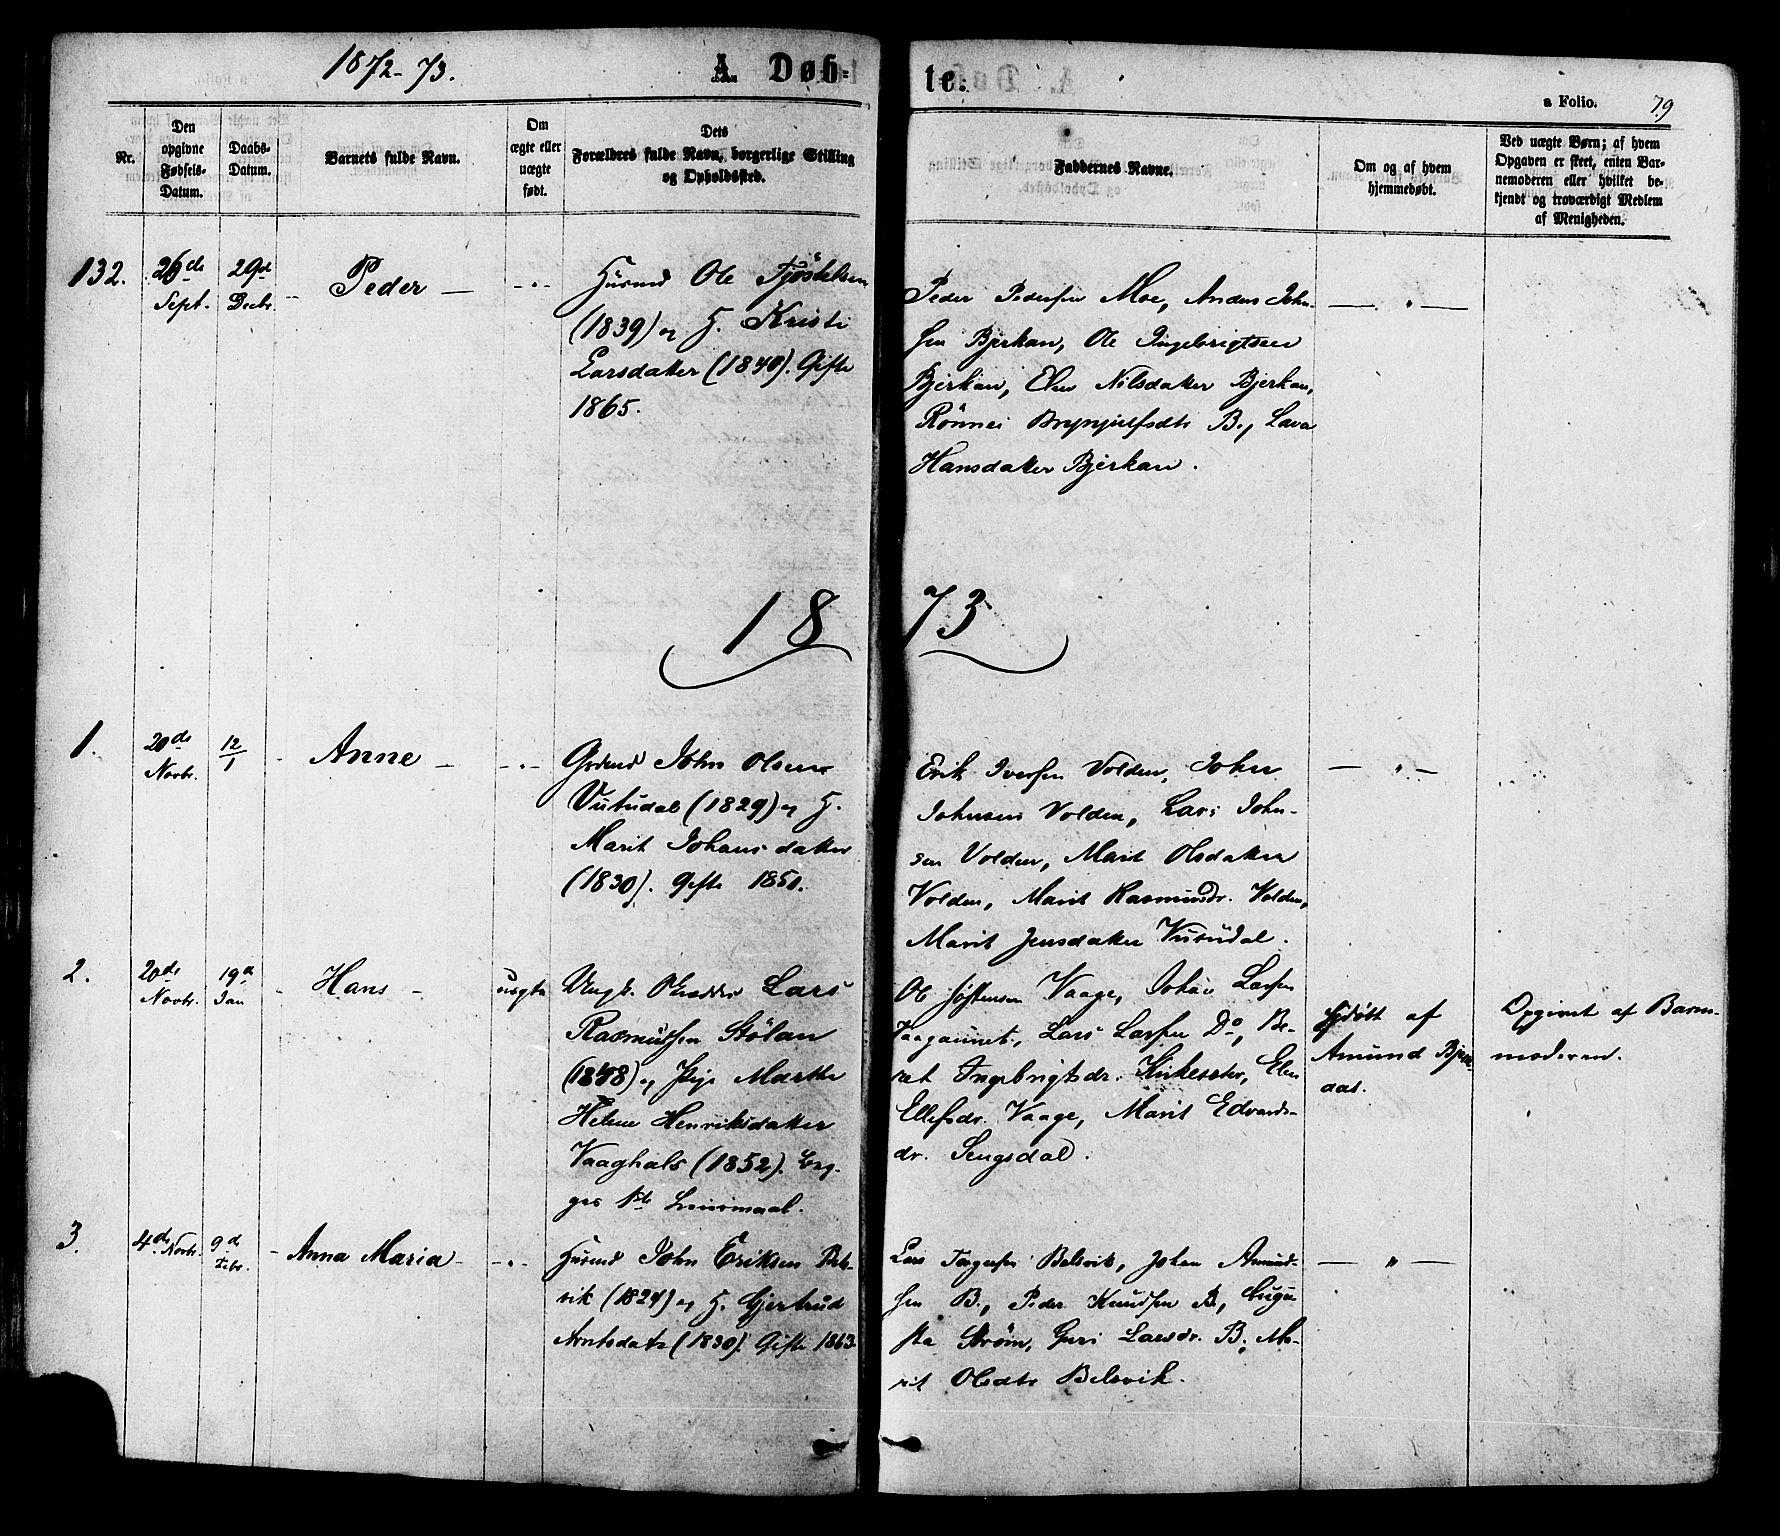 SAT, Ministerialprotokoller, klokkerbøker og fødselsregistre - Sør-Trøndelag, 630/L0495: Ministerialbok nr. 630A08, 1868-1878, s. 79